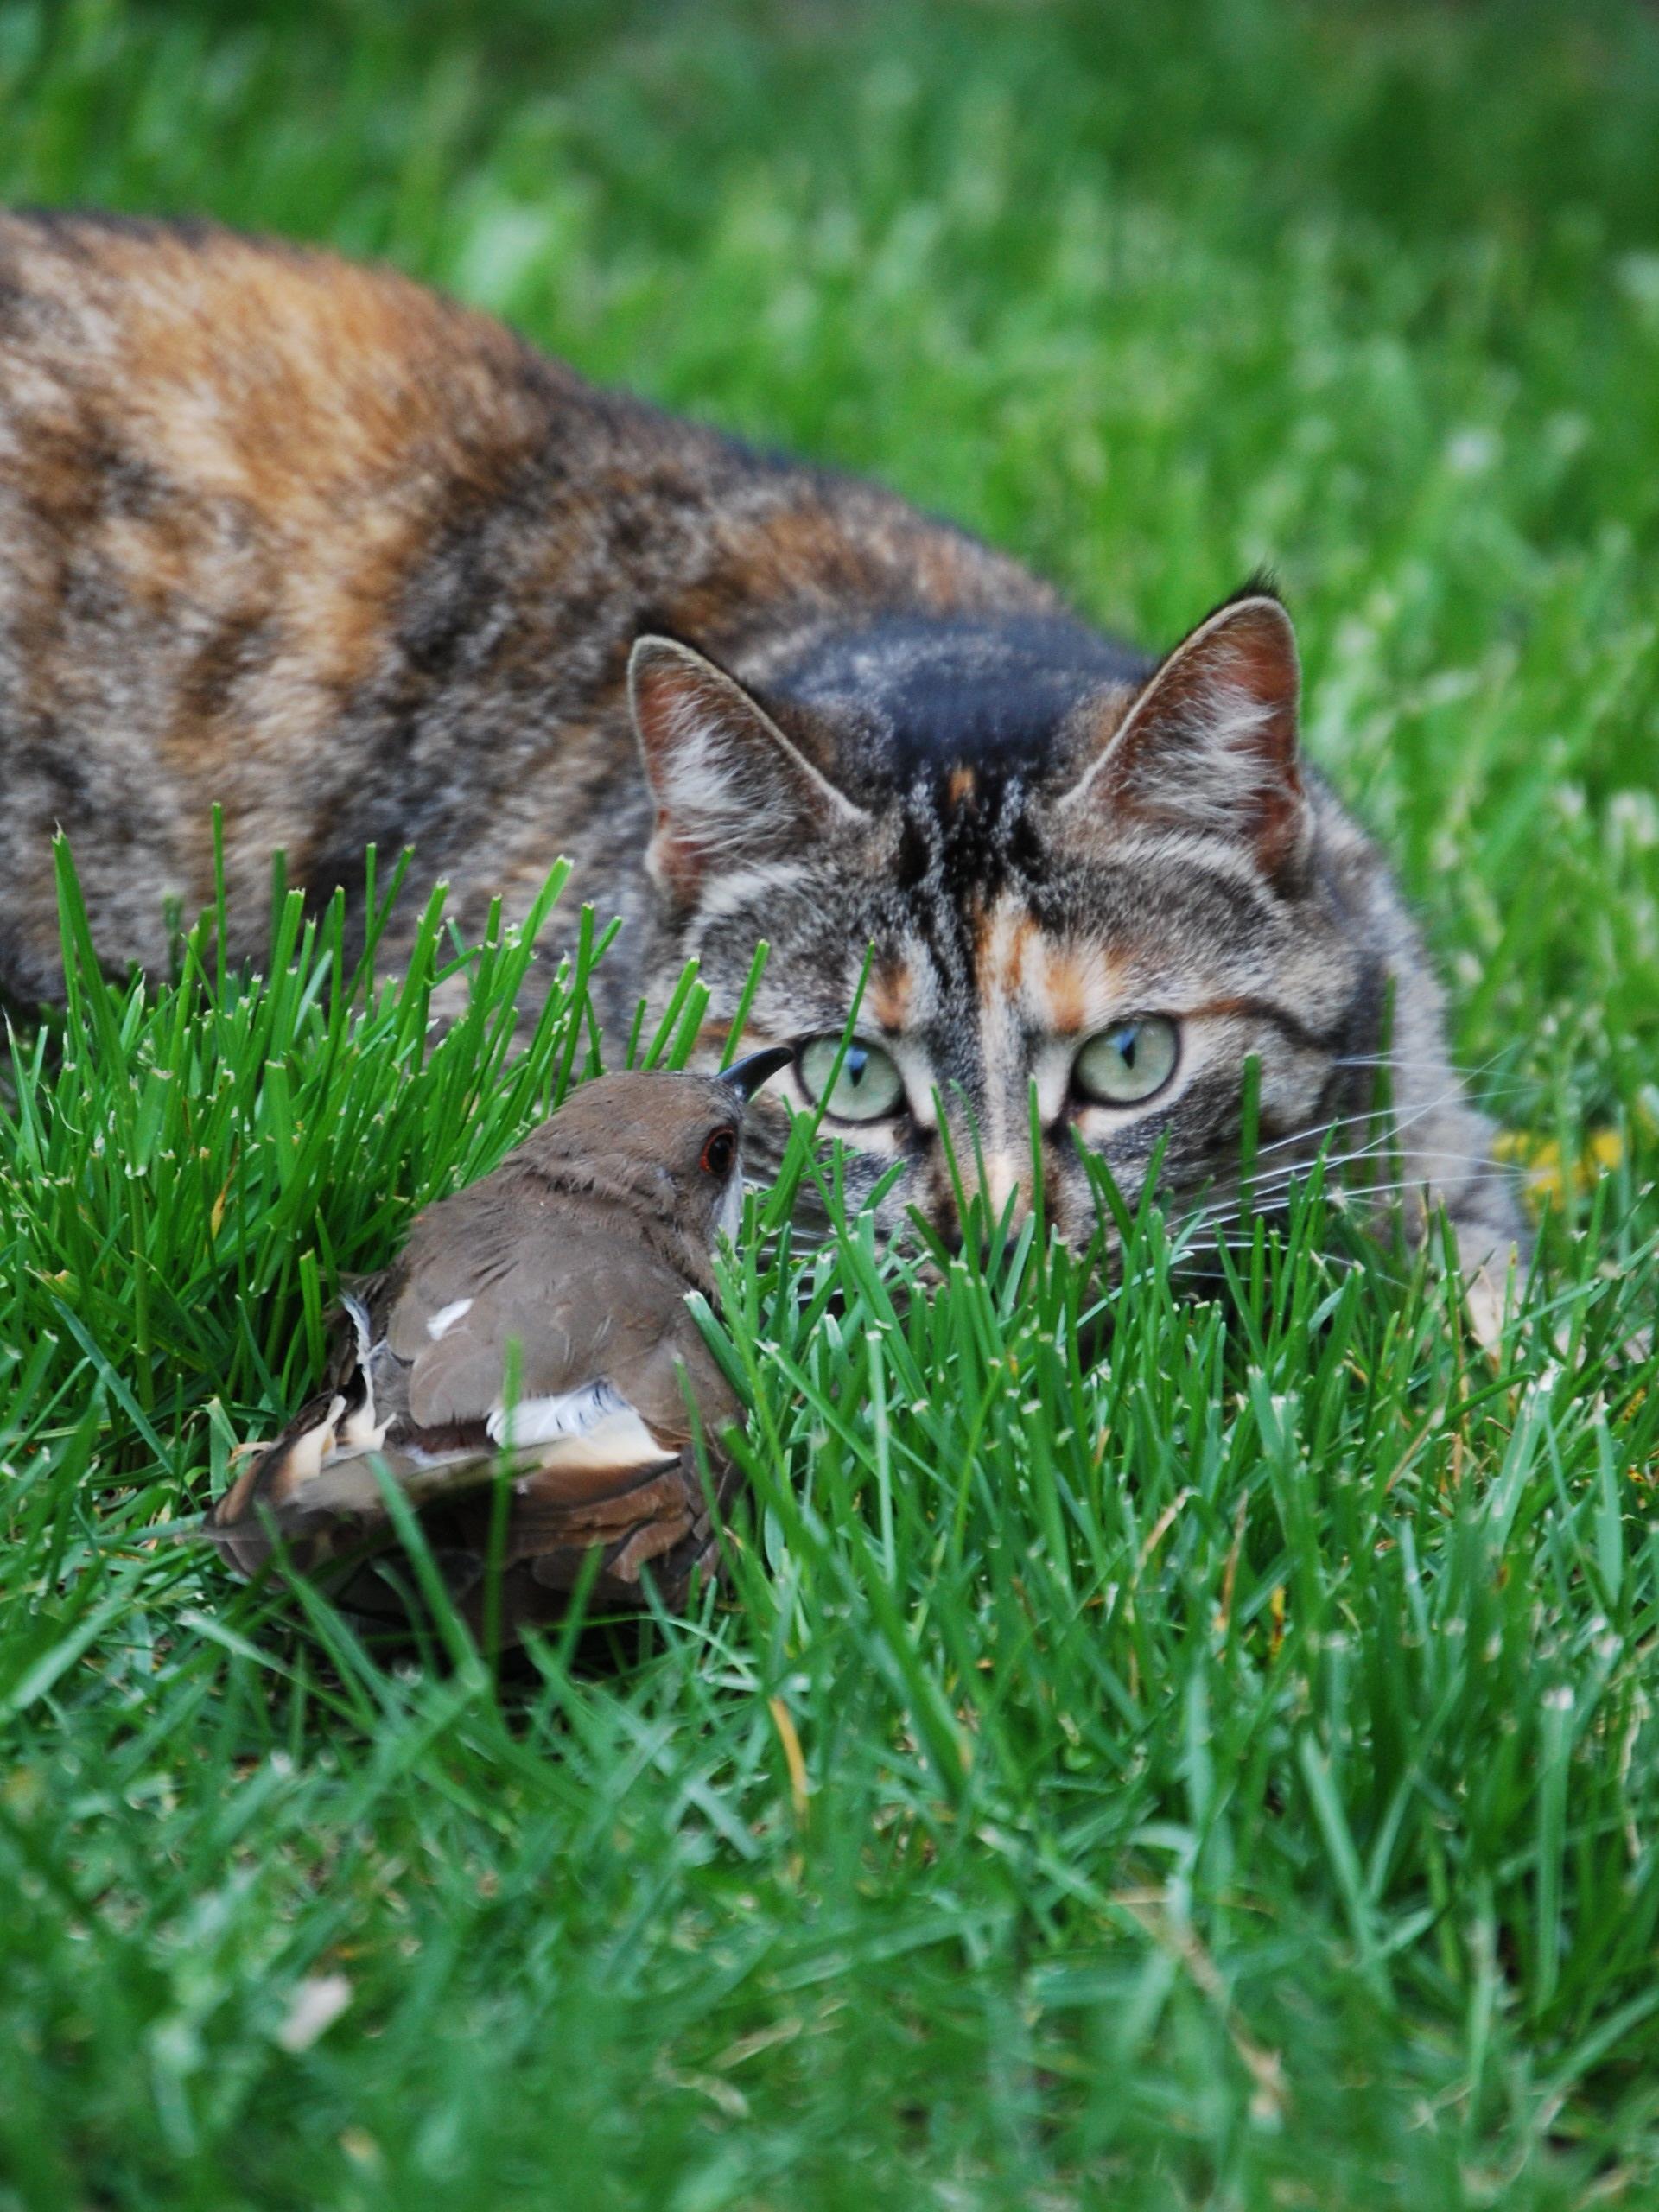 Cats kill millions of songbirds each year. Photo: Matthew Sakiestewa Gilbert